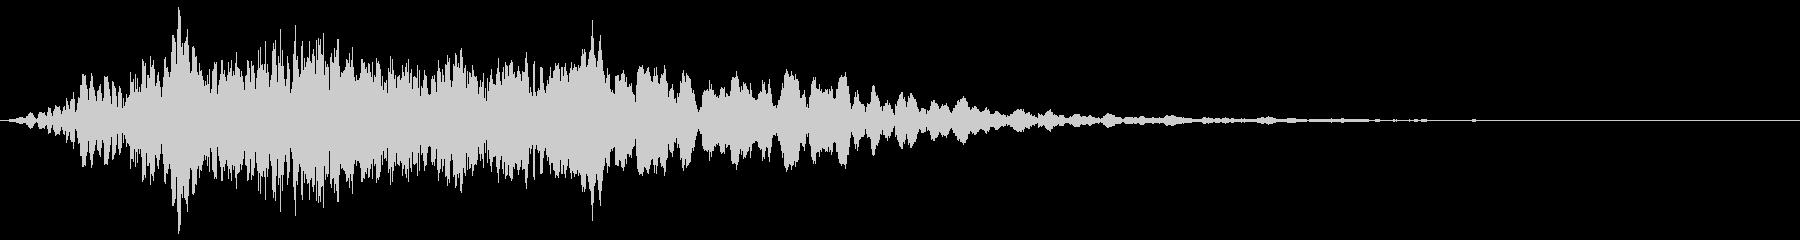 ハシブトガラスの鳴き声の未再生の波形